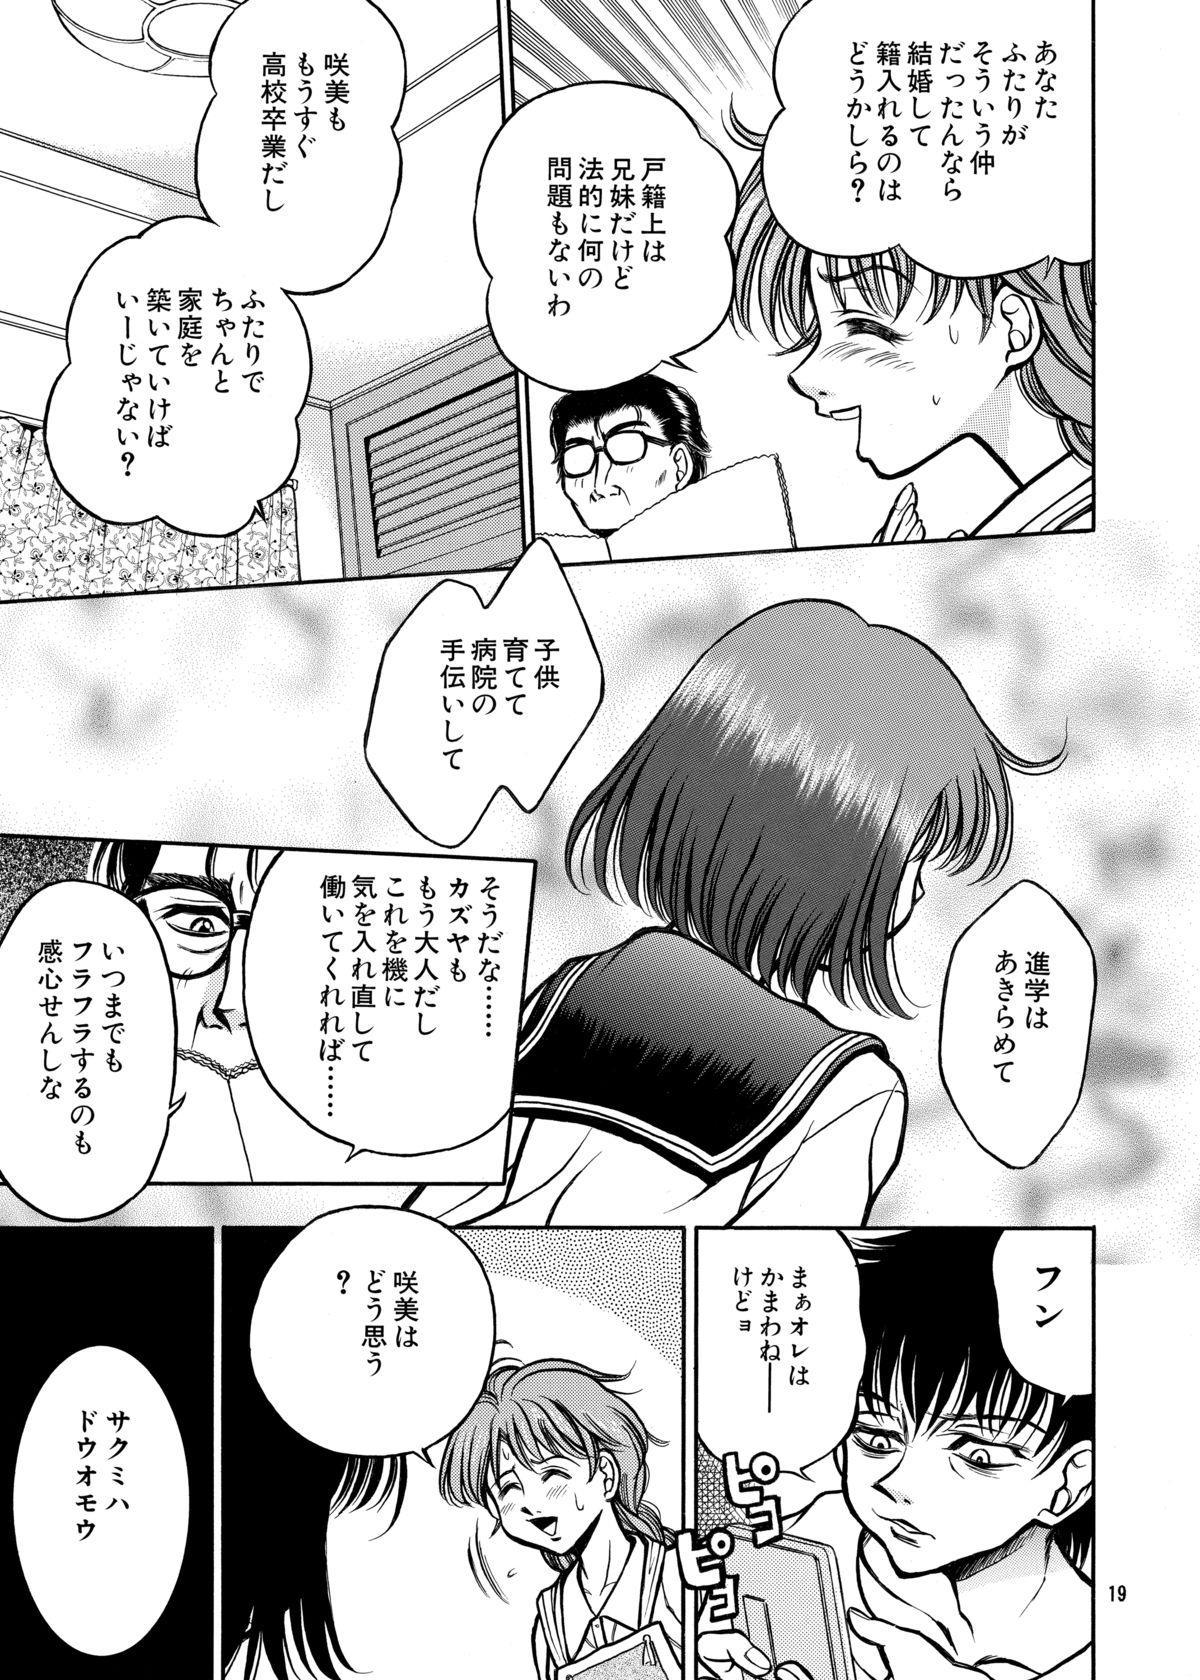 ココロノママニ 厩戸王子商業作品再録本 17